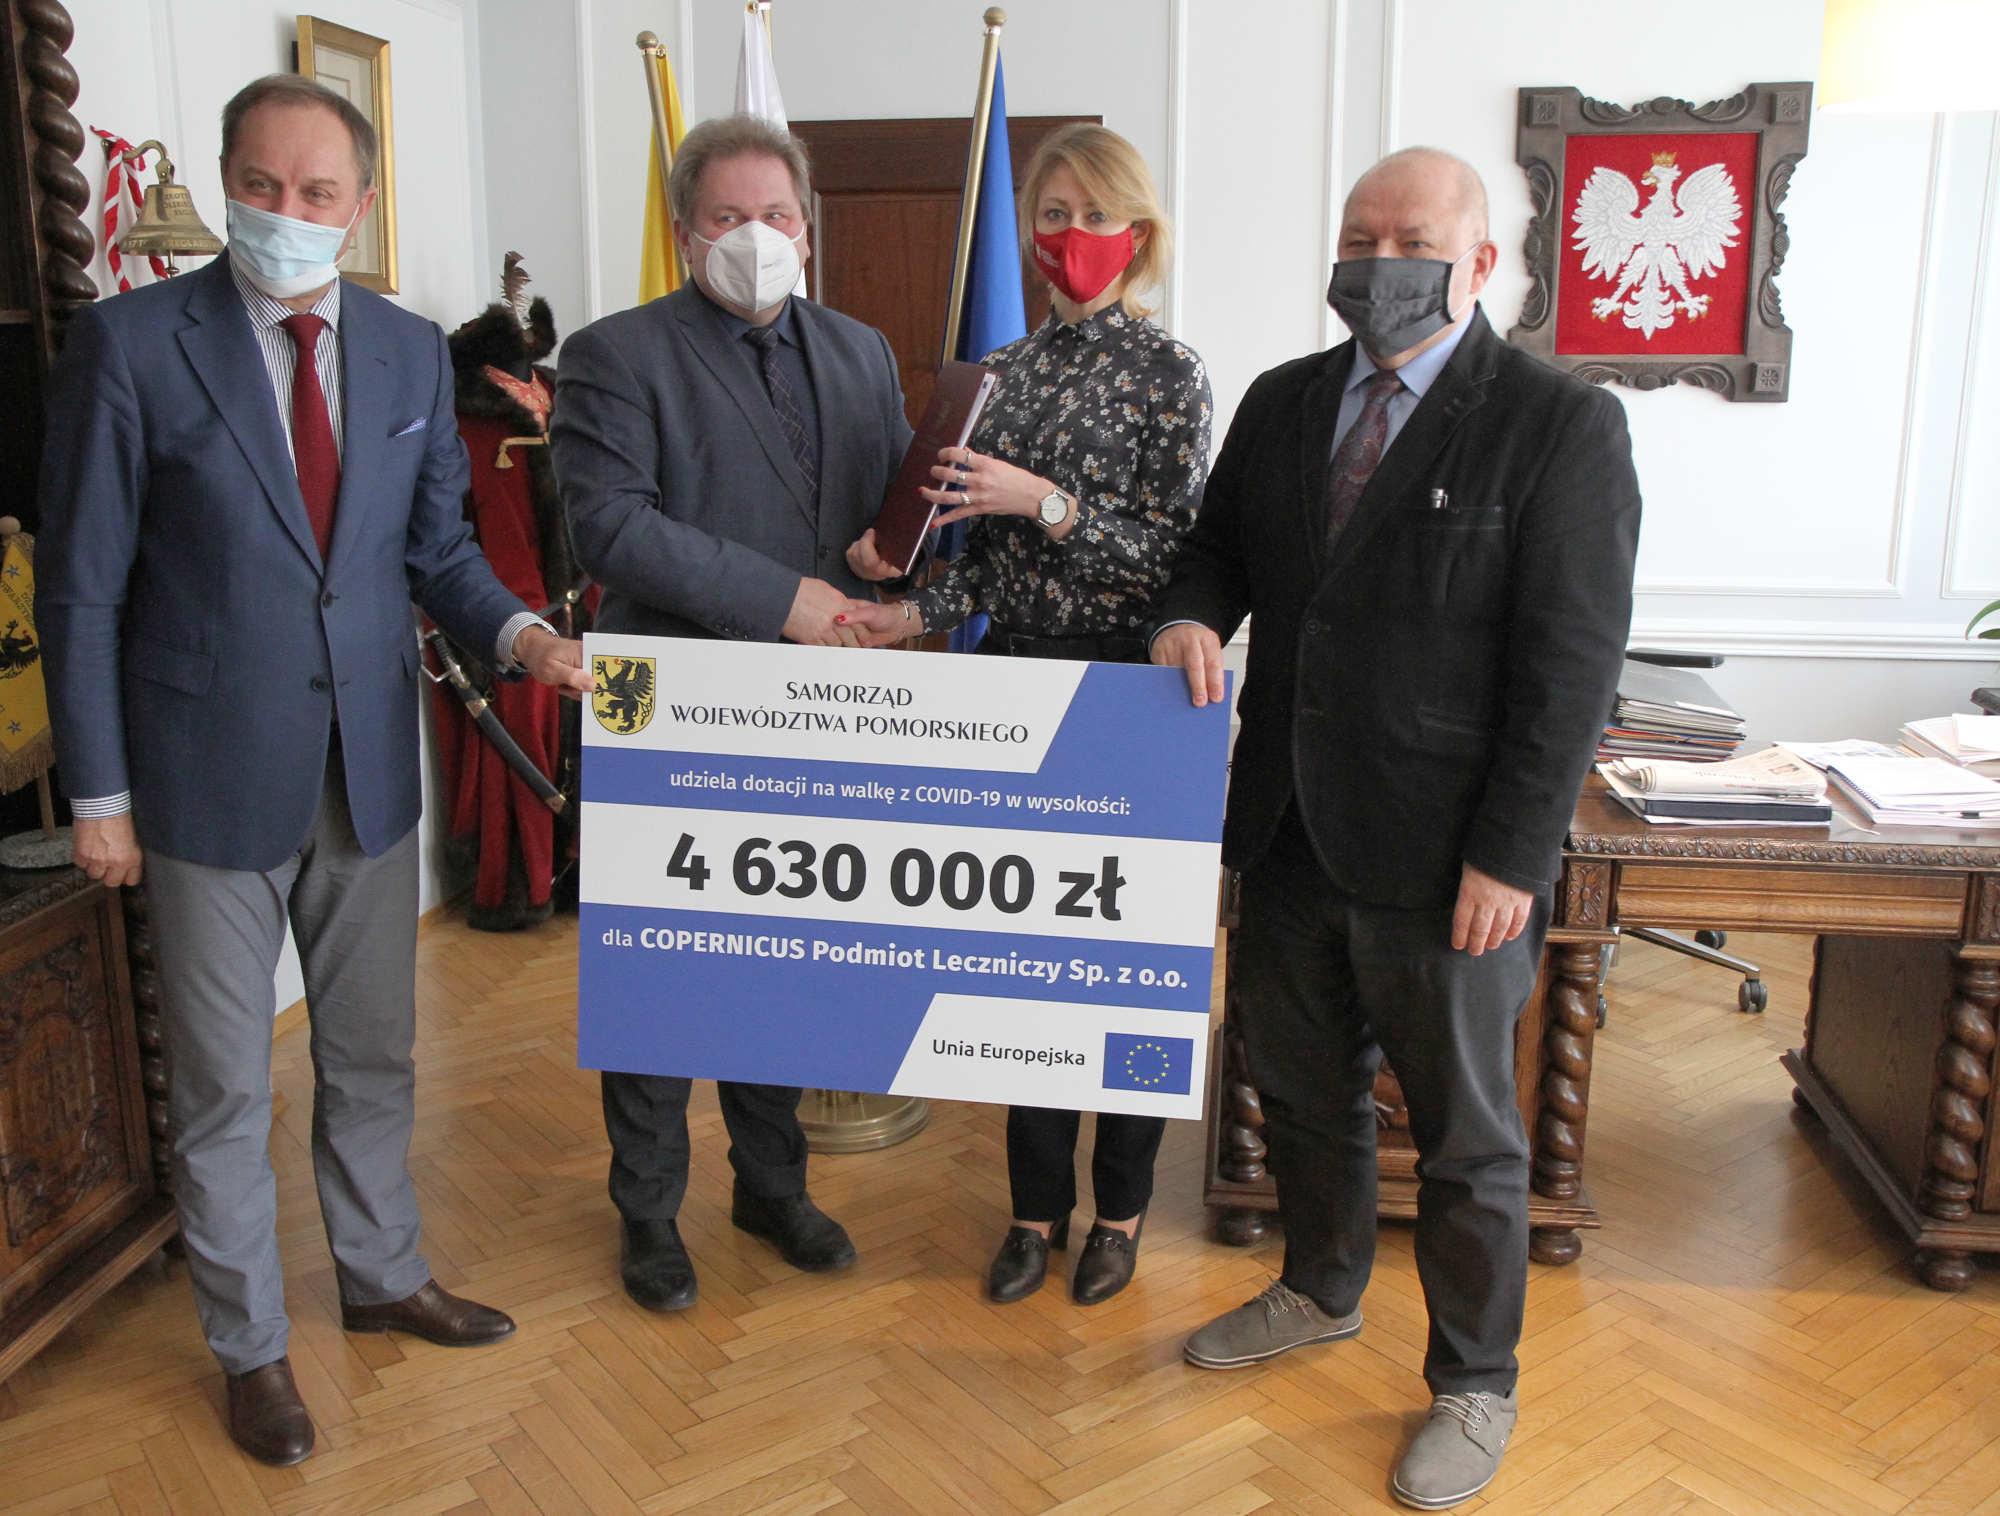 Copernicus dostanie dodatkowe 4,6 mln zł. To środki z Unii Europejskiej na walkę z COVID-19